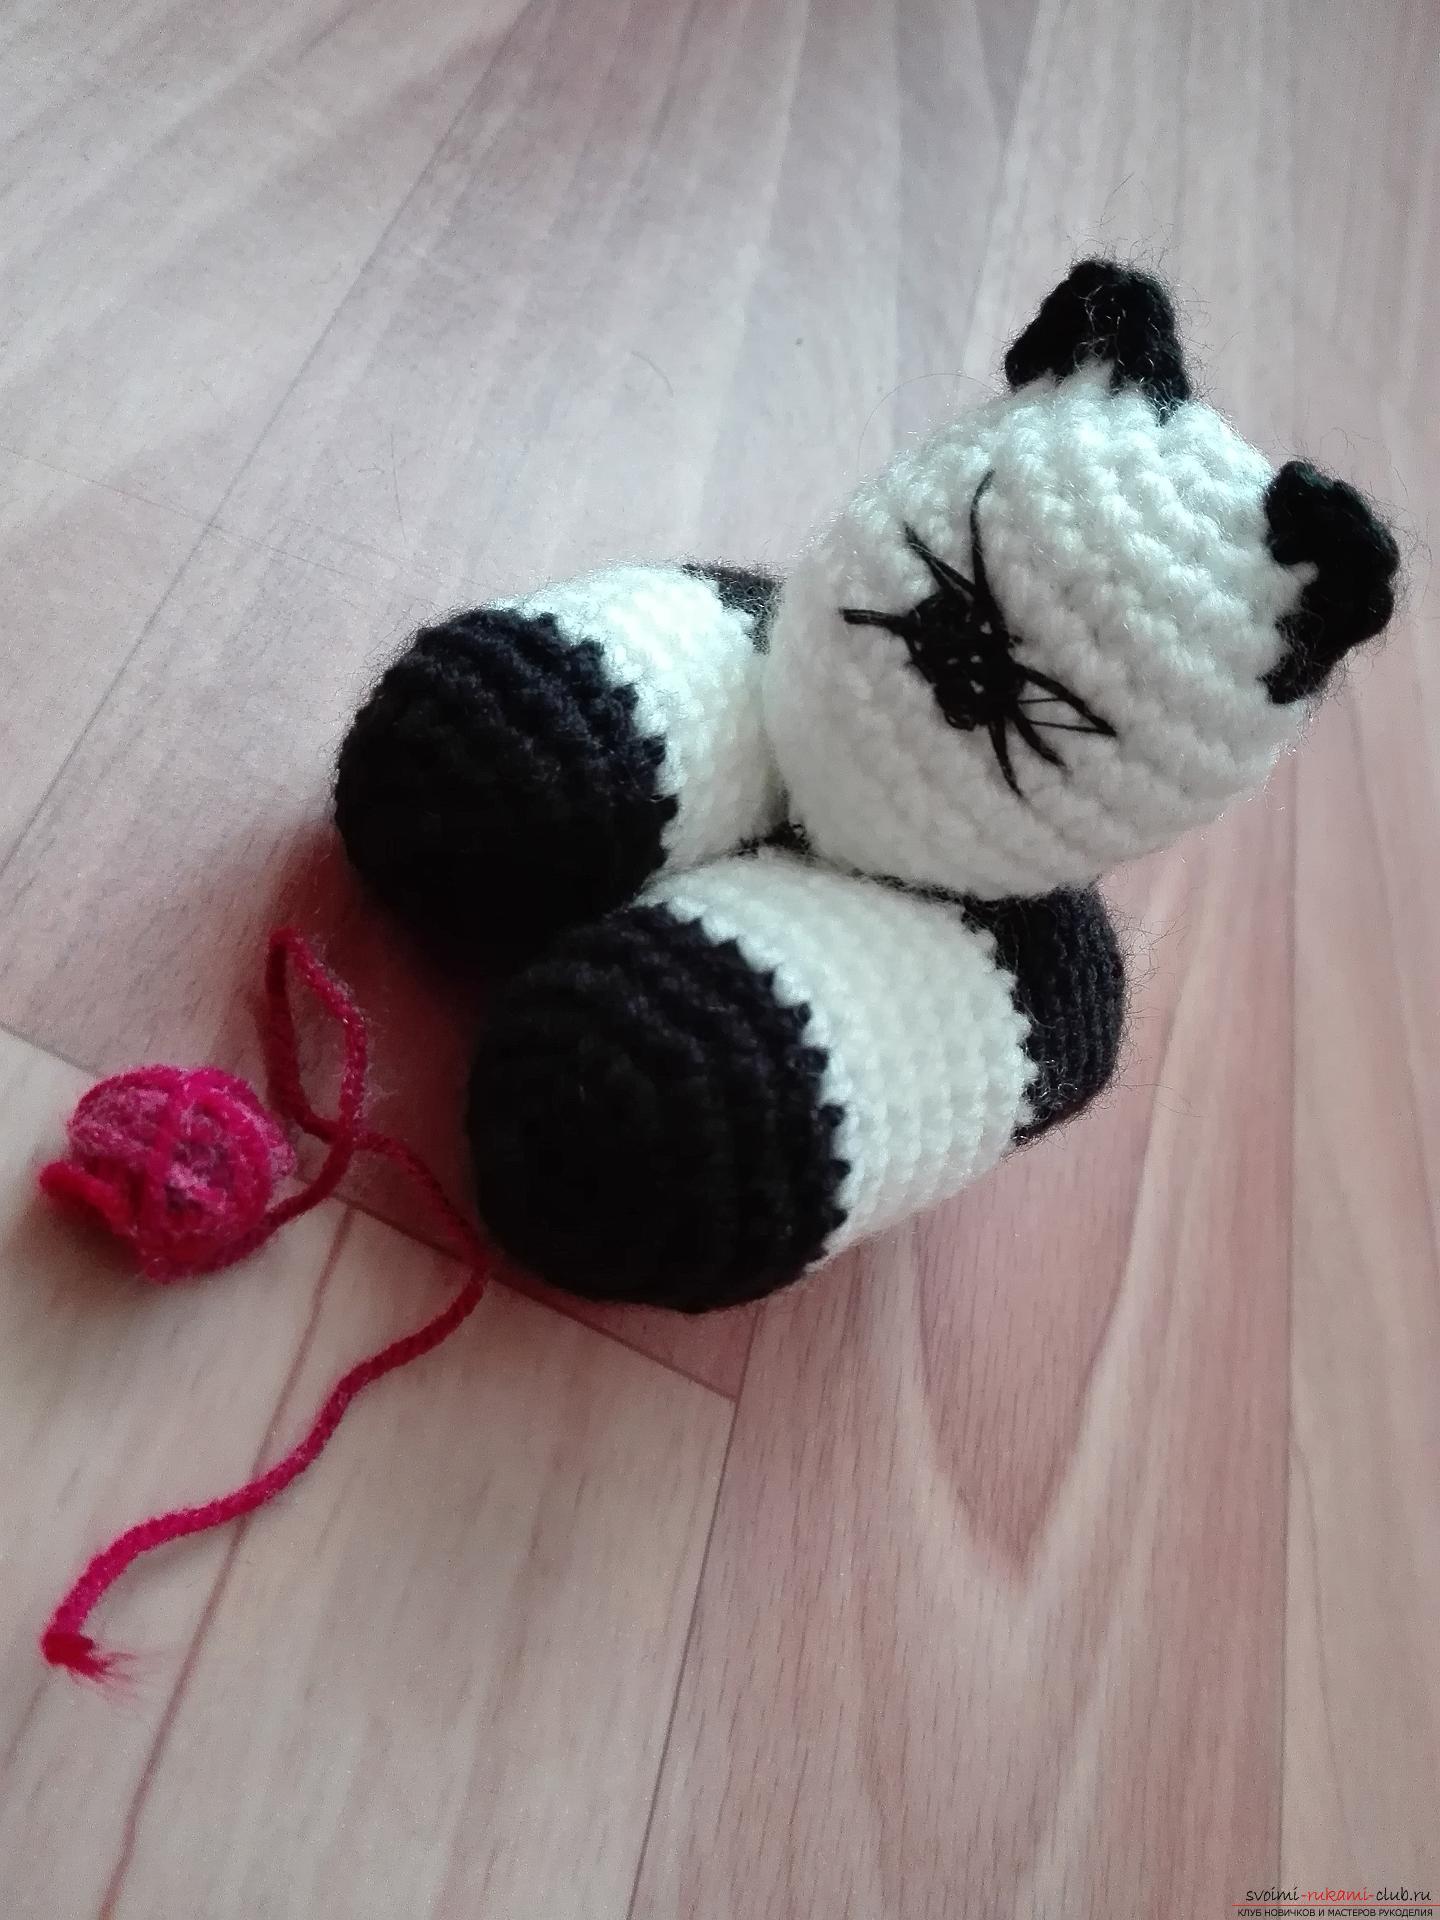 Мастер-класс вязания игрушки научит даже начинающих как связать крючком милого котенка.. Фото №1